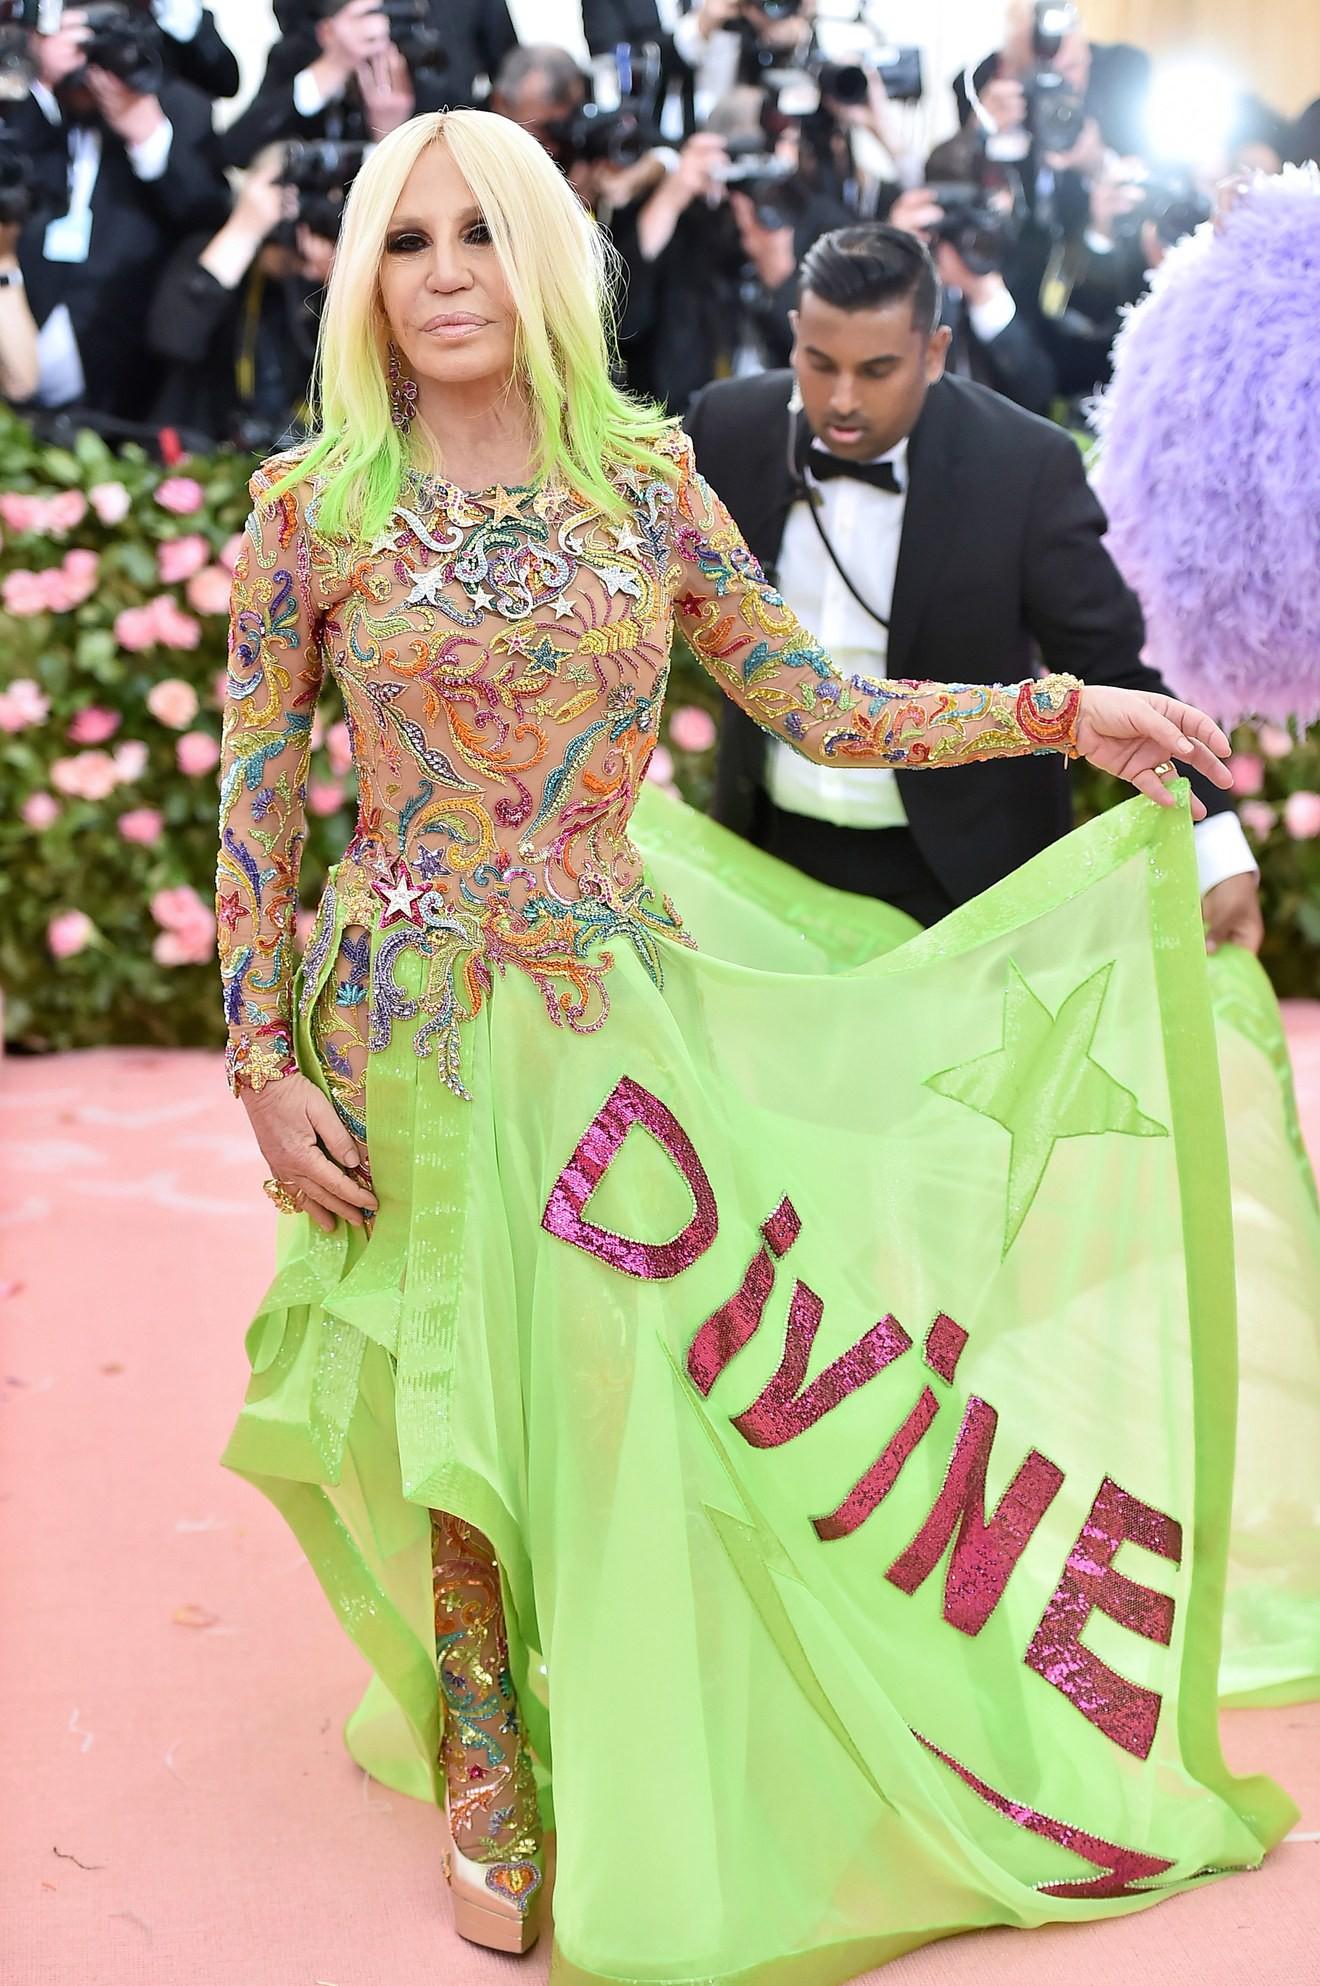 Met Gala 2019: Khó ai chơi lớn bằng Lady Gaga, Katy Perry chuyển từ đèn chùm thành burger nhưng chặt chém không kém là nam nhân dát vàng nằm kiệu - Ảnh 22.